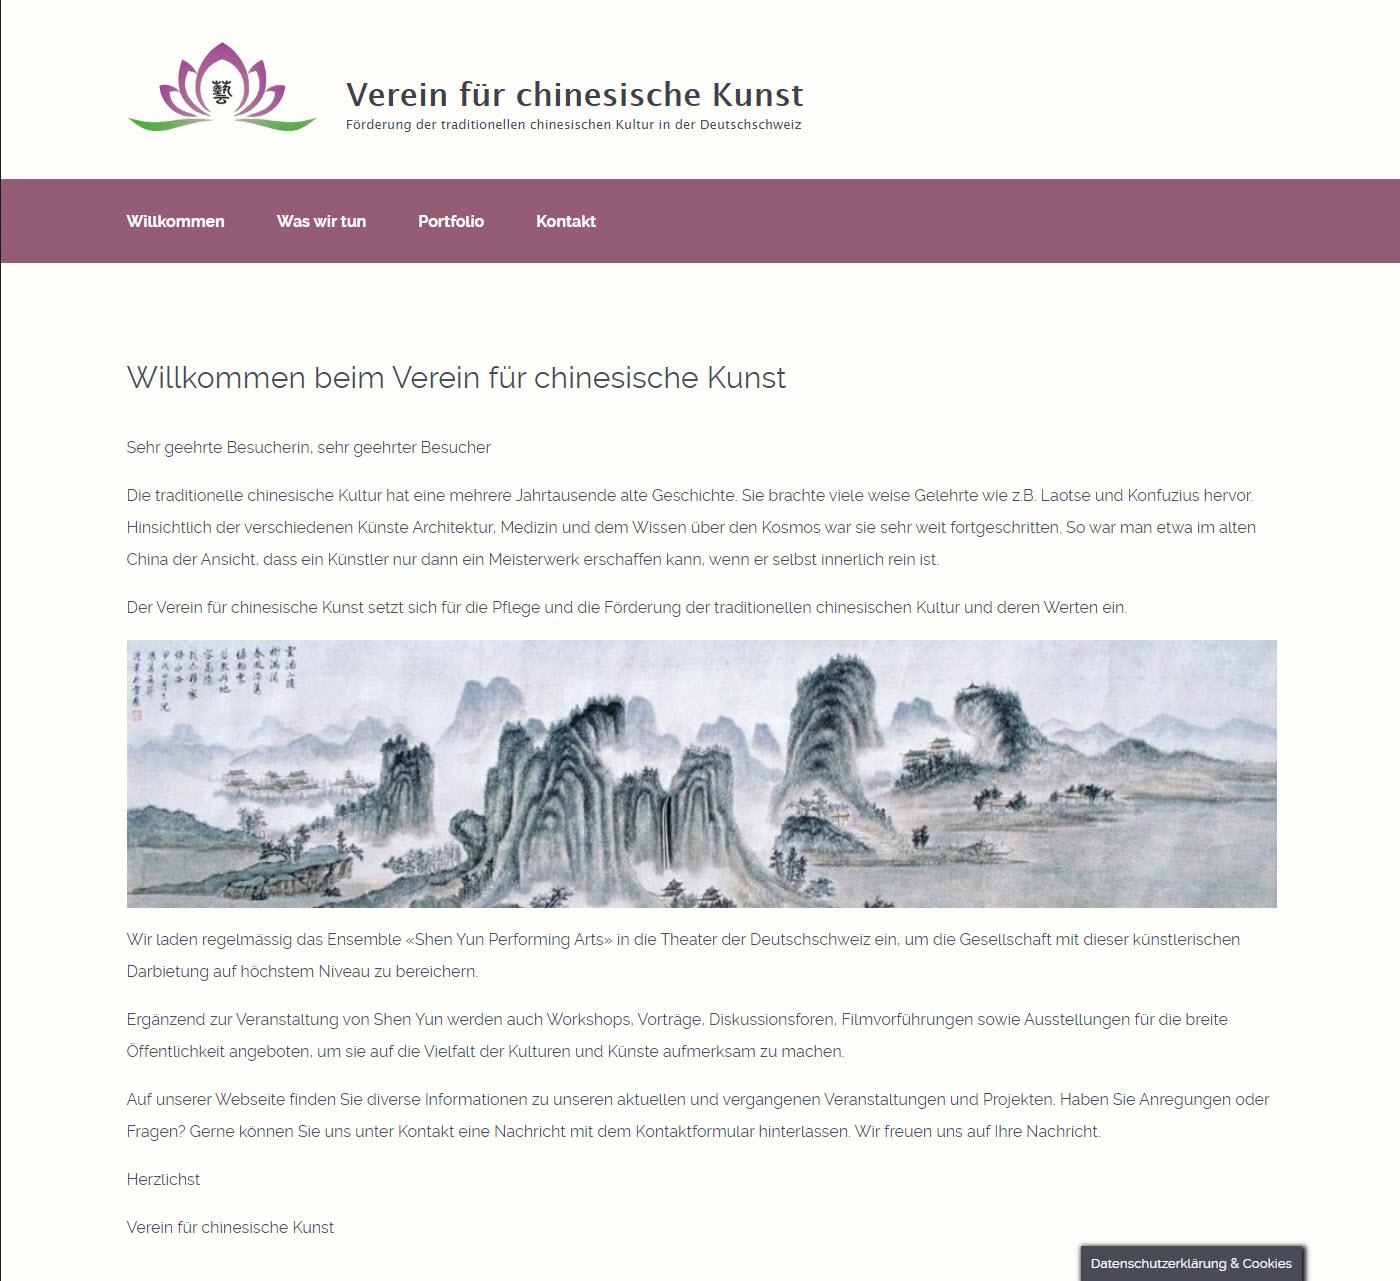 Verein für chinesische Kunst - Förderung der Traditionellen chinesischen Kultur in der Deutschschweiz